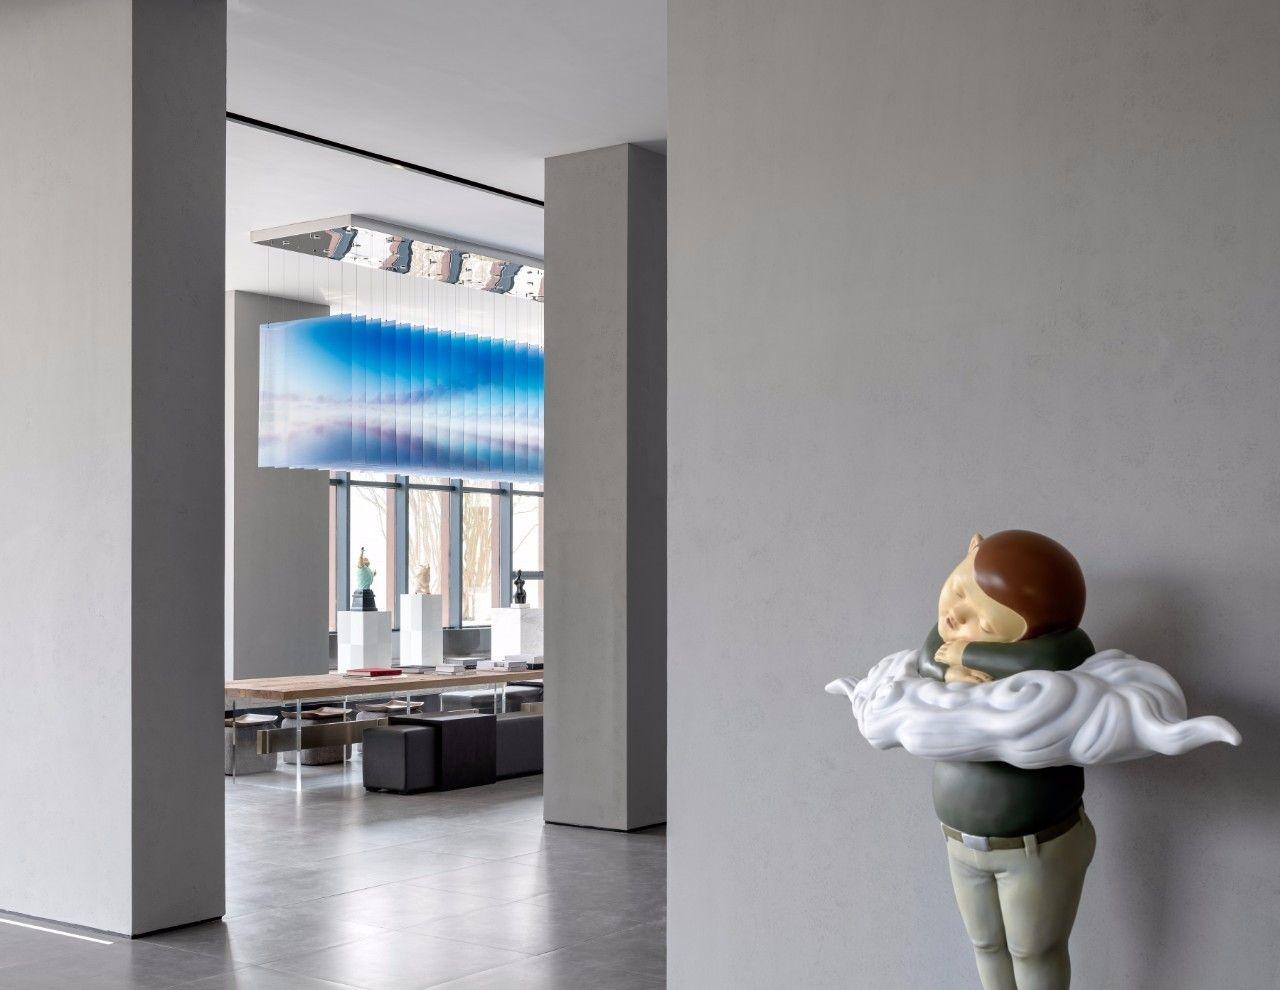 【G&K新作】武汉最艺术的沉浸体验式售楼处设计|G&K建筑设计咨询有限公司 - 5